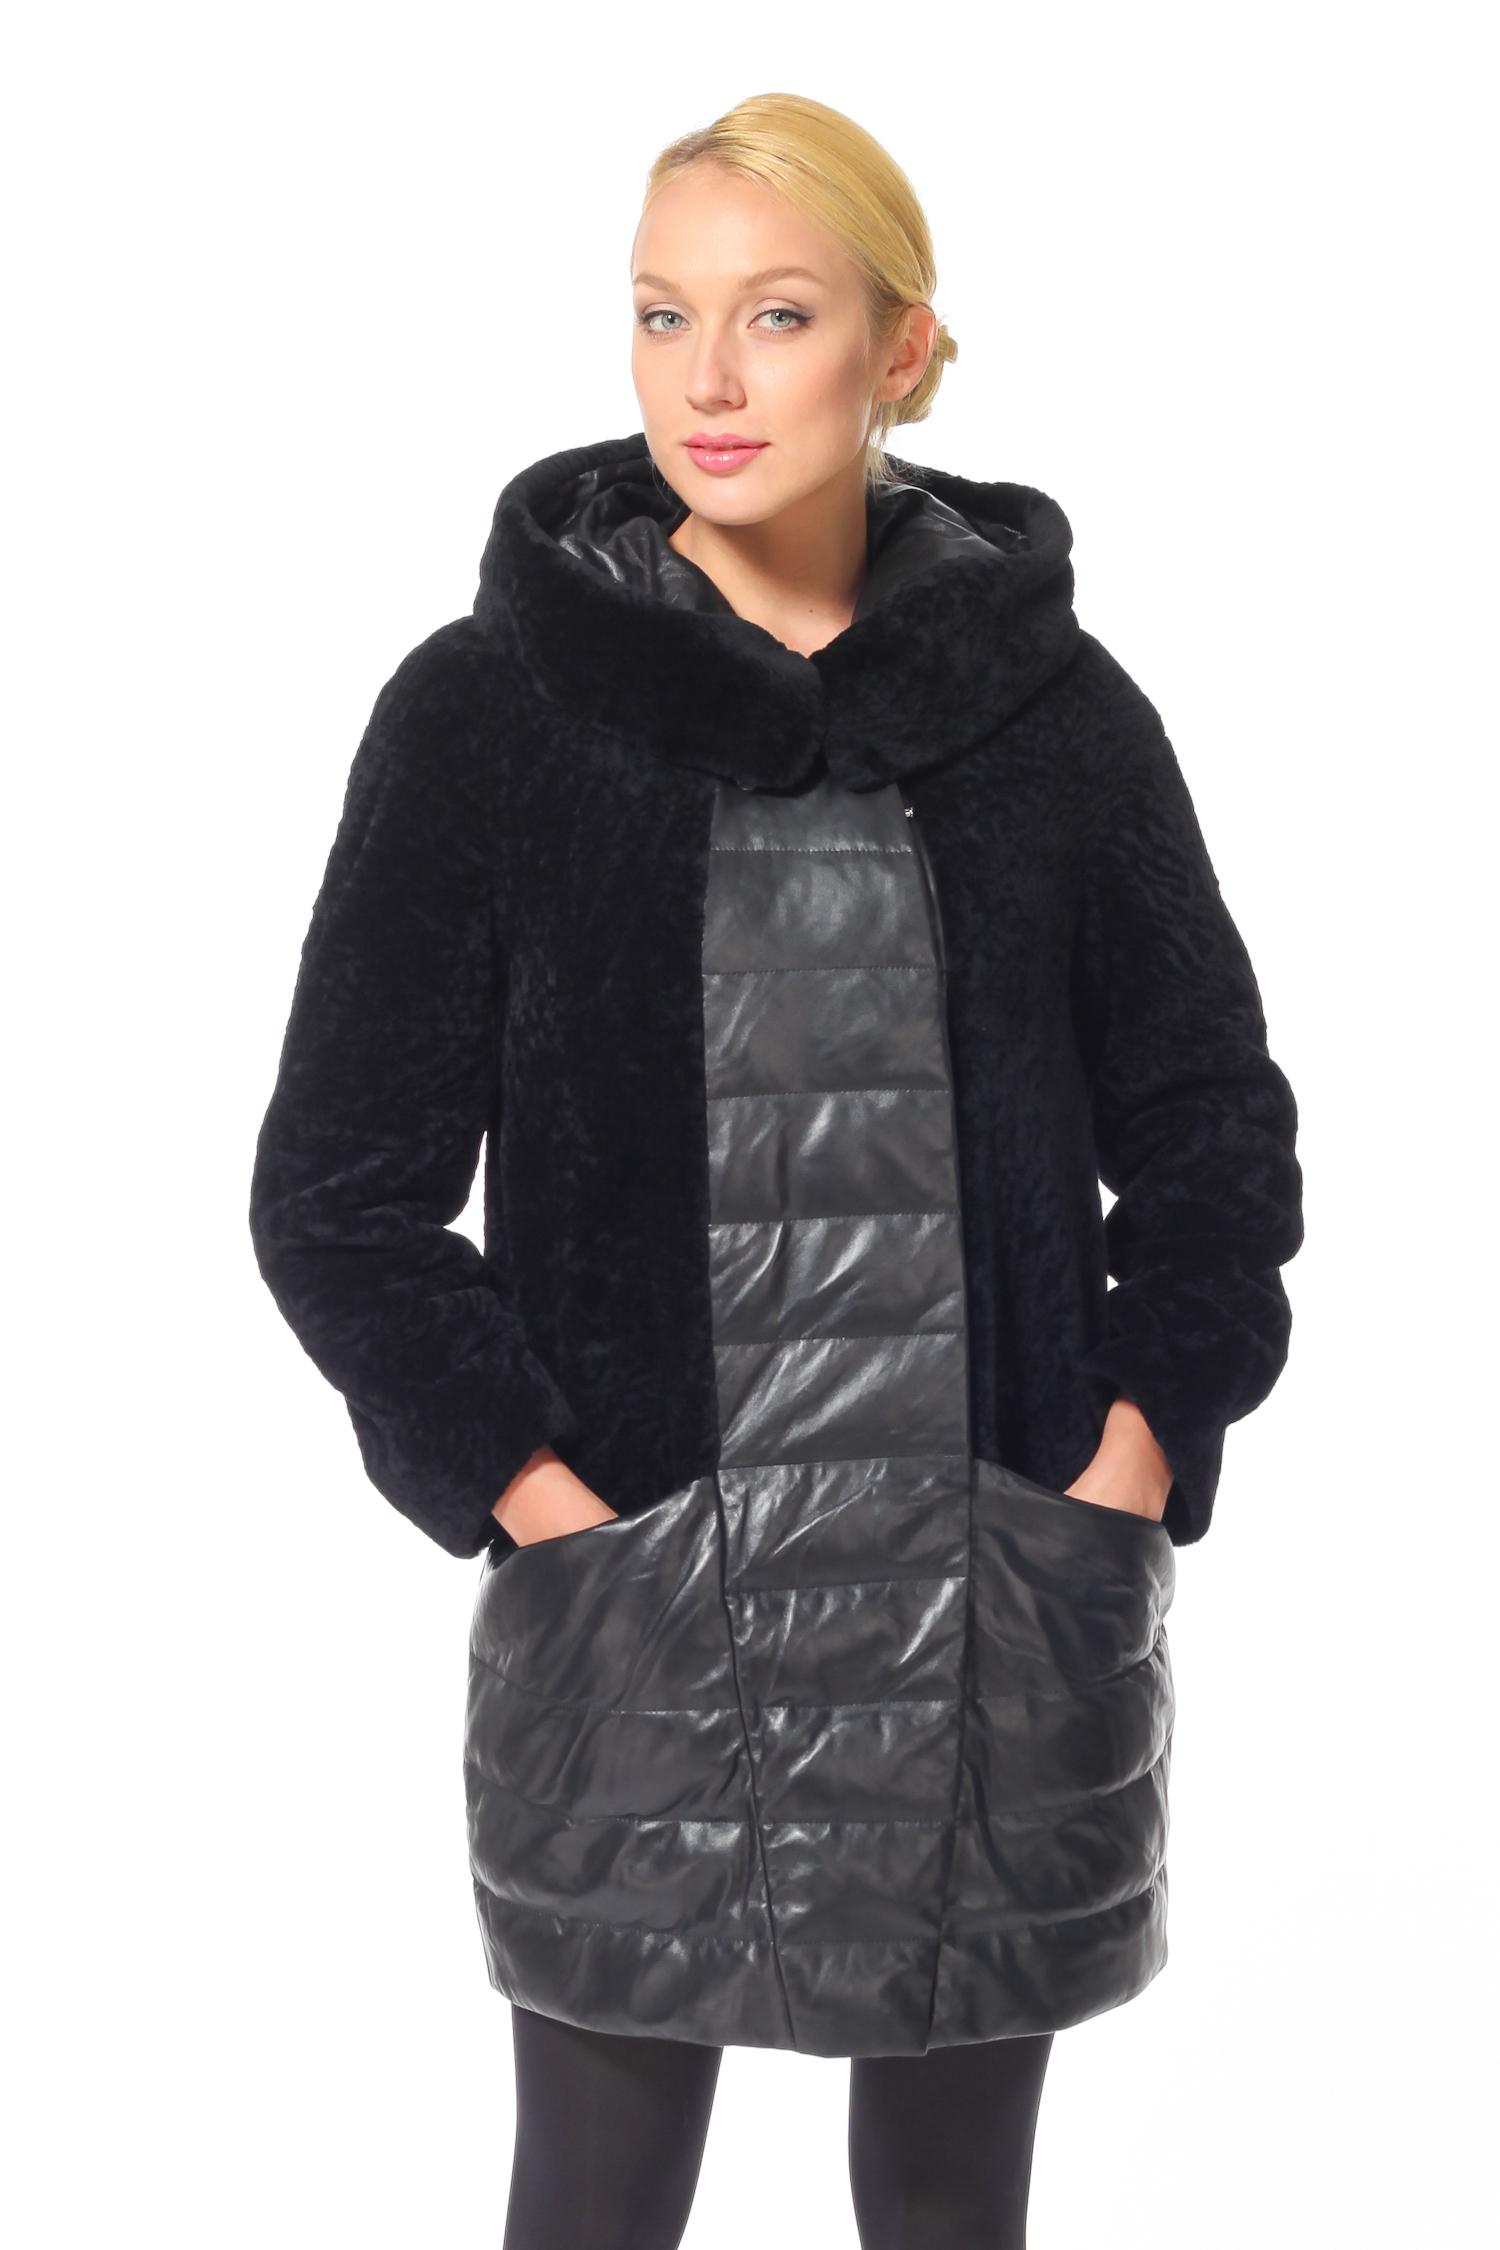 Женское кожаное пальто из натуральной кожи  с капюшоном, отделка астраган<br><br>Длина см: 90<br>Отделка: Кожа<br>Цвет: Черный<br>Материал: Астраган<br>Капюшон: Есть<br>Пол: Женский<br>Размер RU: 52